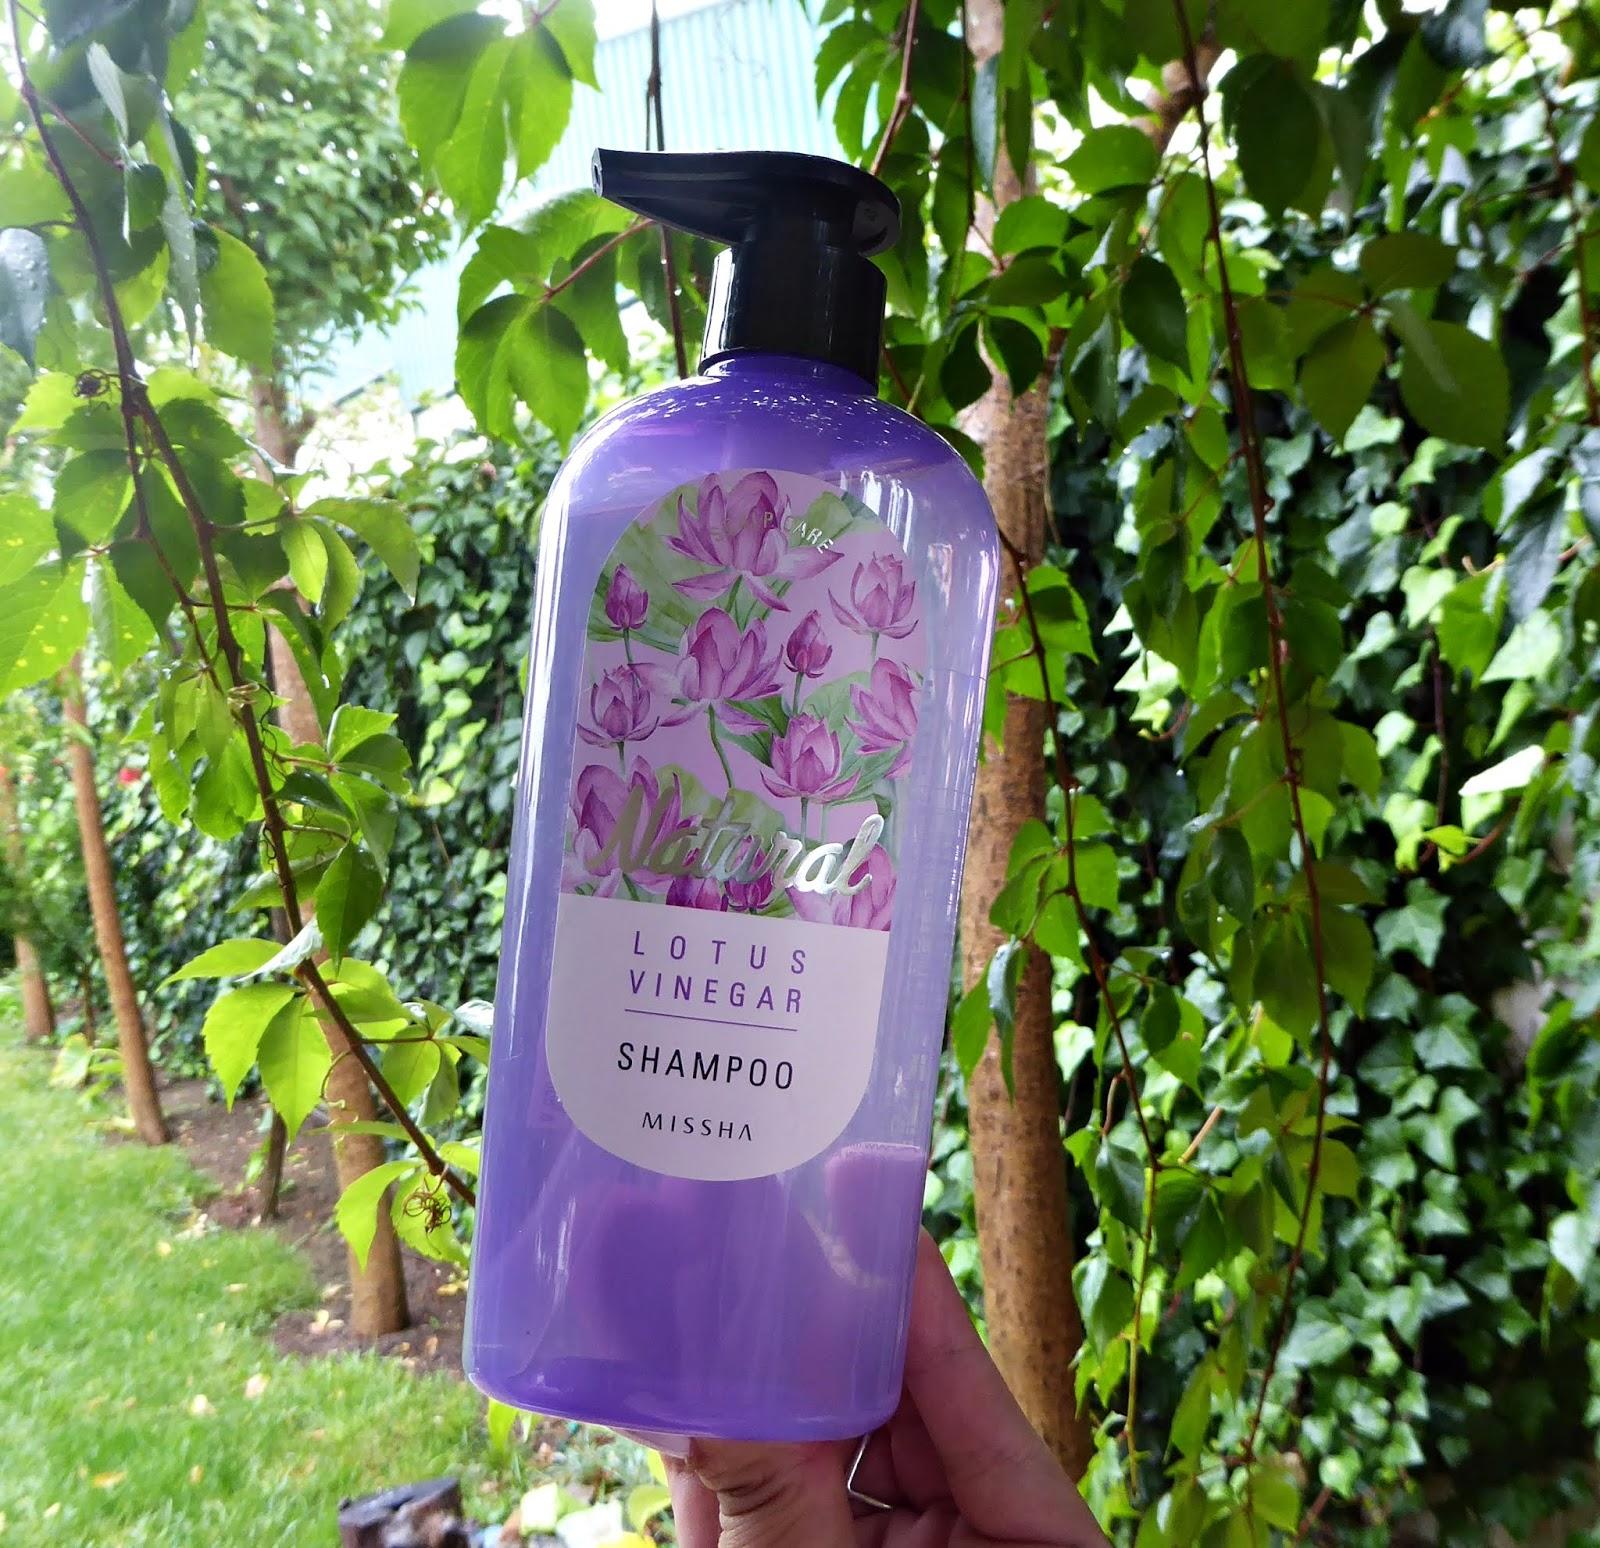 Lotus vinegar shampoo de Missha, champú de flor de loto y vinagre de cosmética coreana